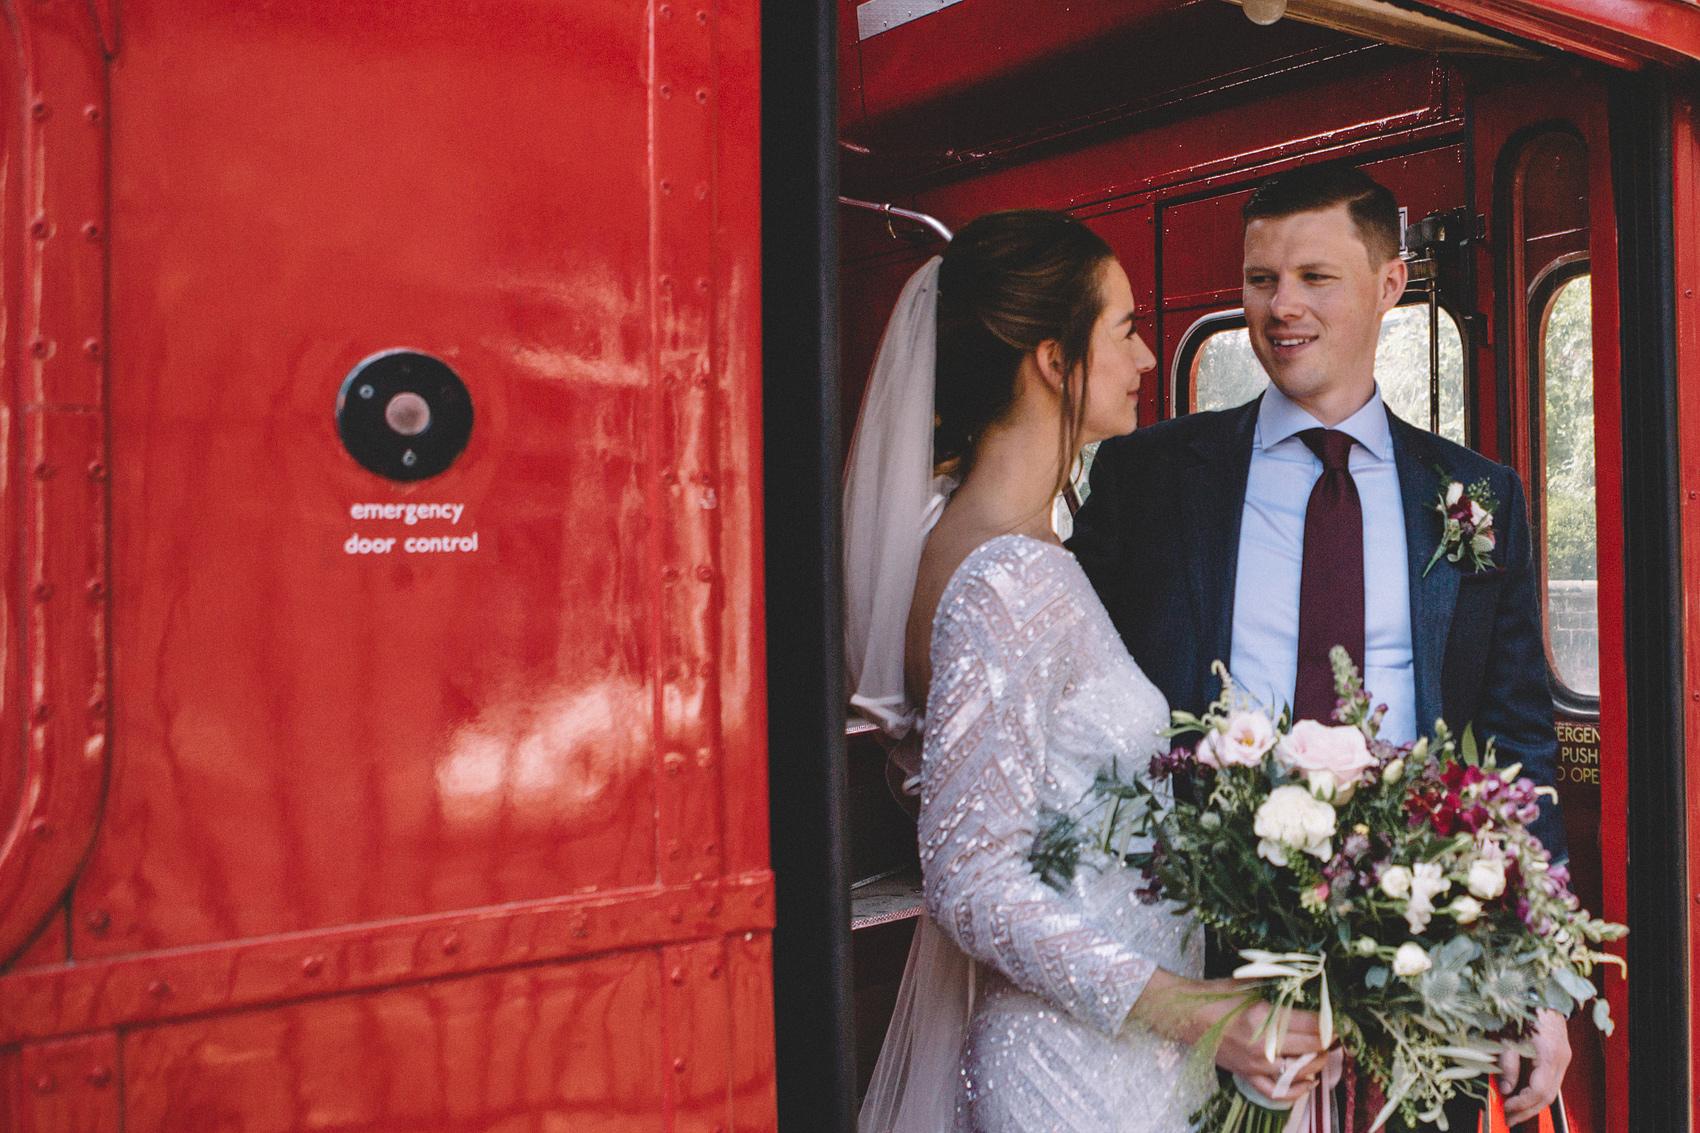 Inglewood_Manor_Wedding_Photography_-_Claire_Basiuk_Cheshire_Photographer_-_29_47.jpg